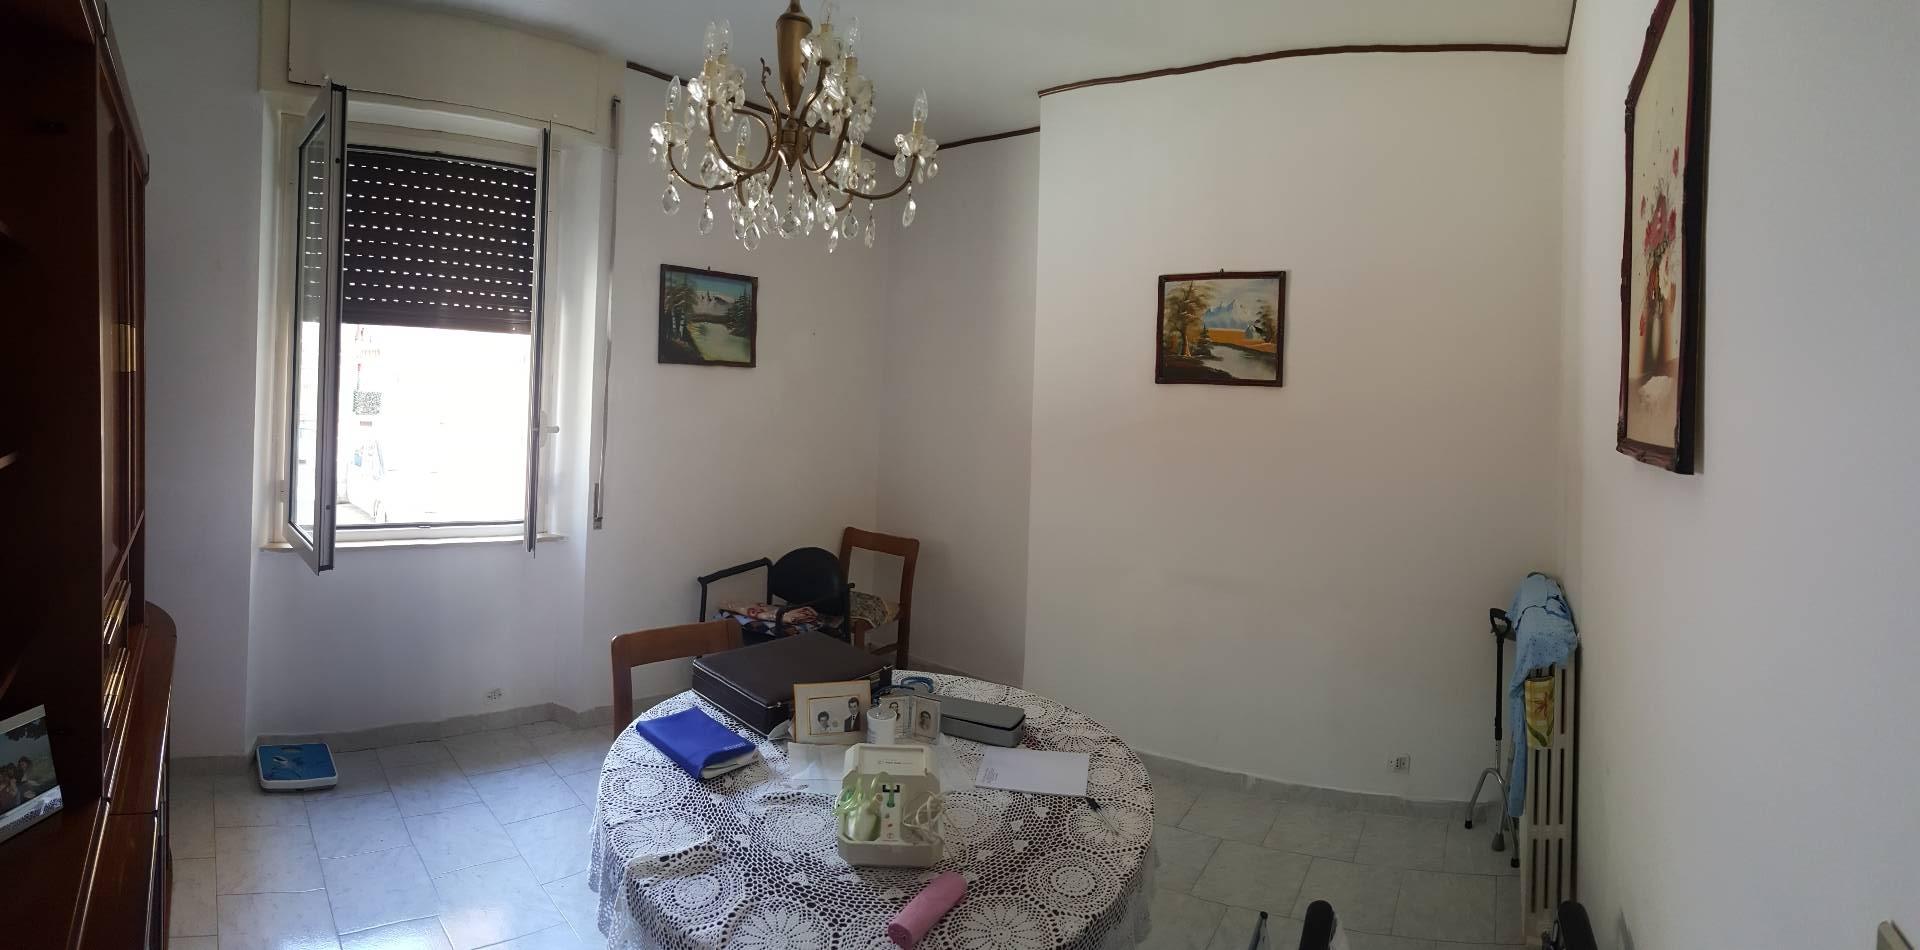 Appartamento in vendita a Ascoli Piceno, 5 locali, zona Località: BorgoSolestà, prezzo € 67.000 | CambioCasa.it